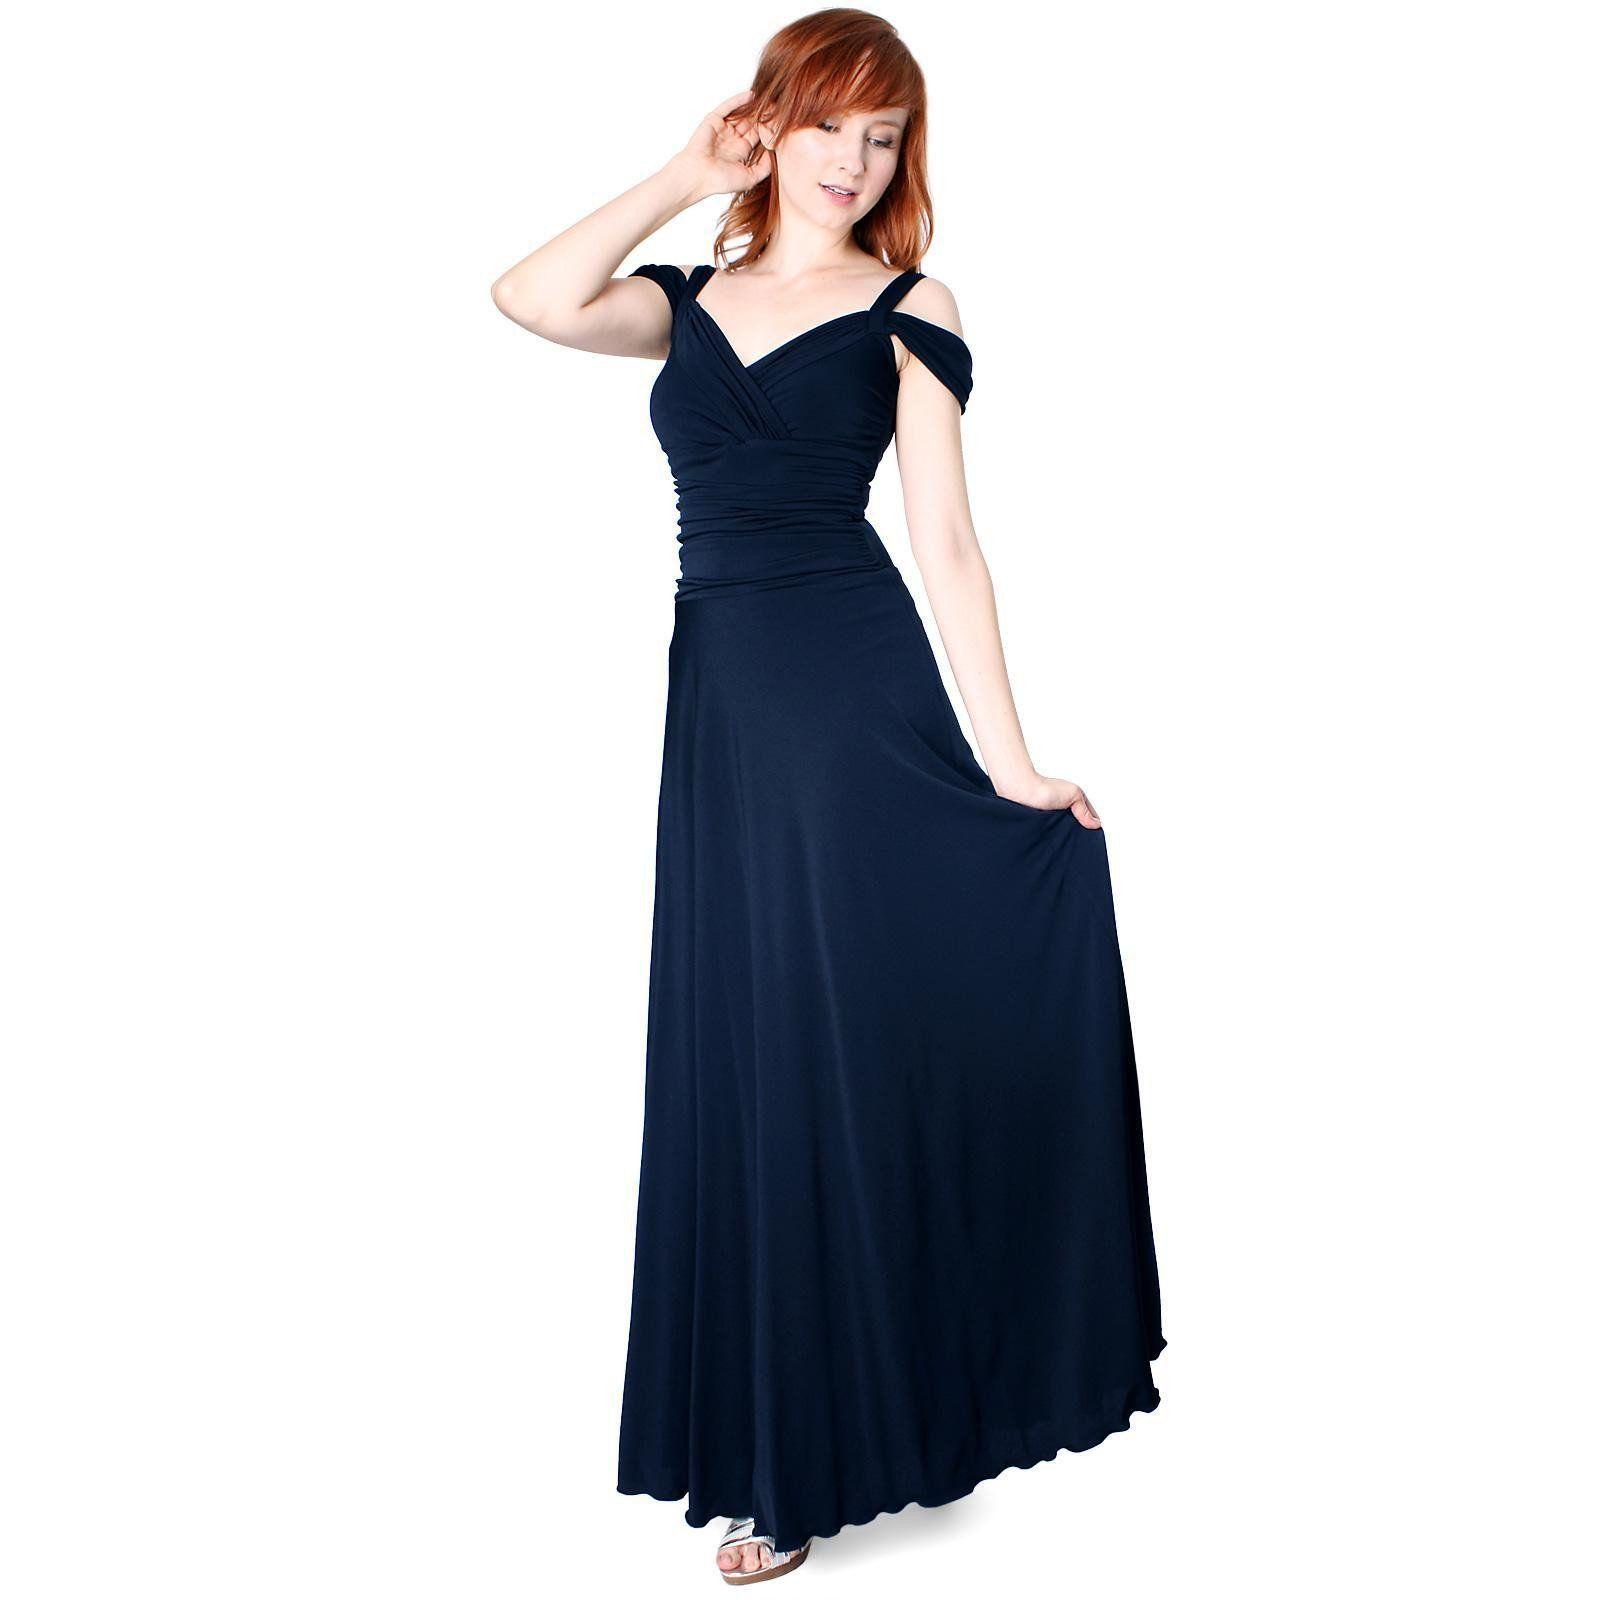 3f76d8c51e9 Evanese Women s Elegant Slip On Long Formal Evening Dress with Shoulder  bands